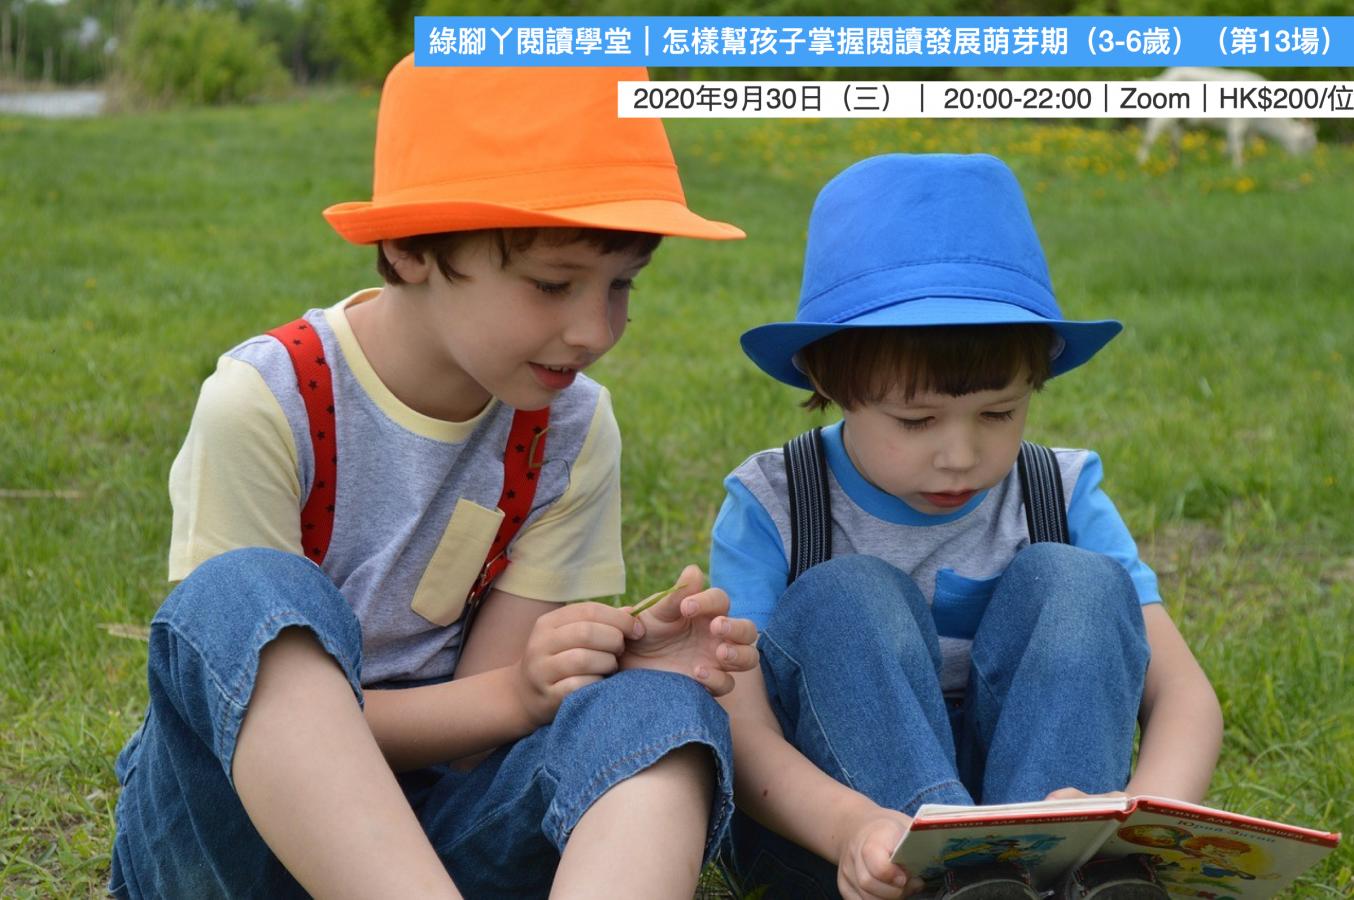 綠腳丫閱讀學堂|怎樣幫孩子掌握閱讀發展萌芽期(3-6歲)(第13場)